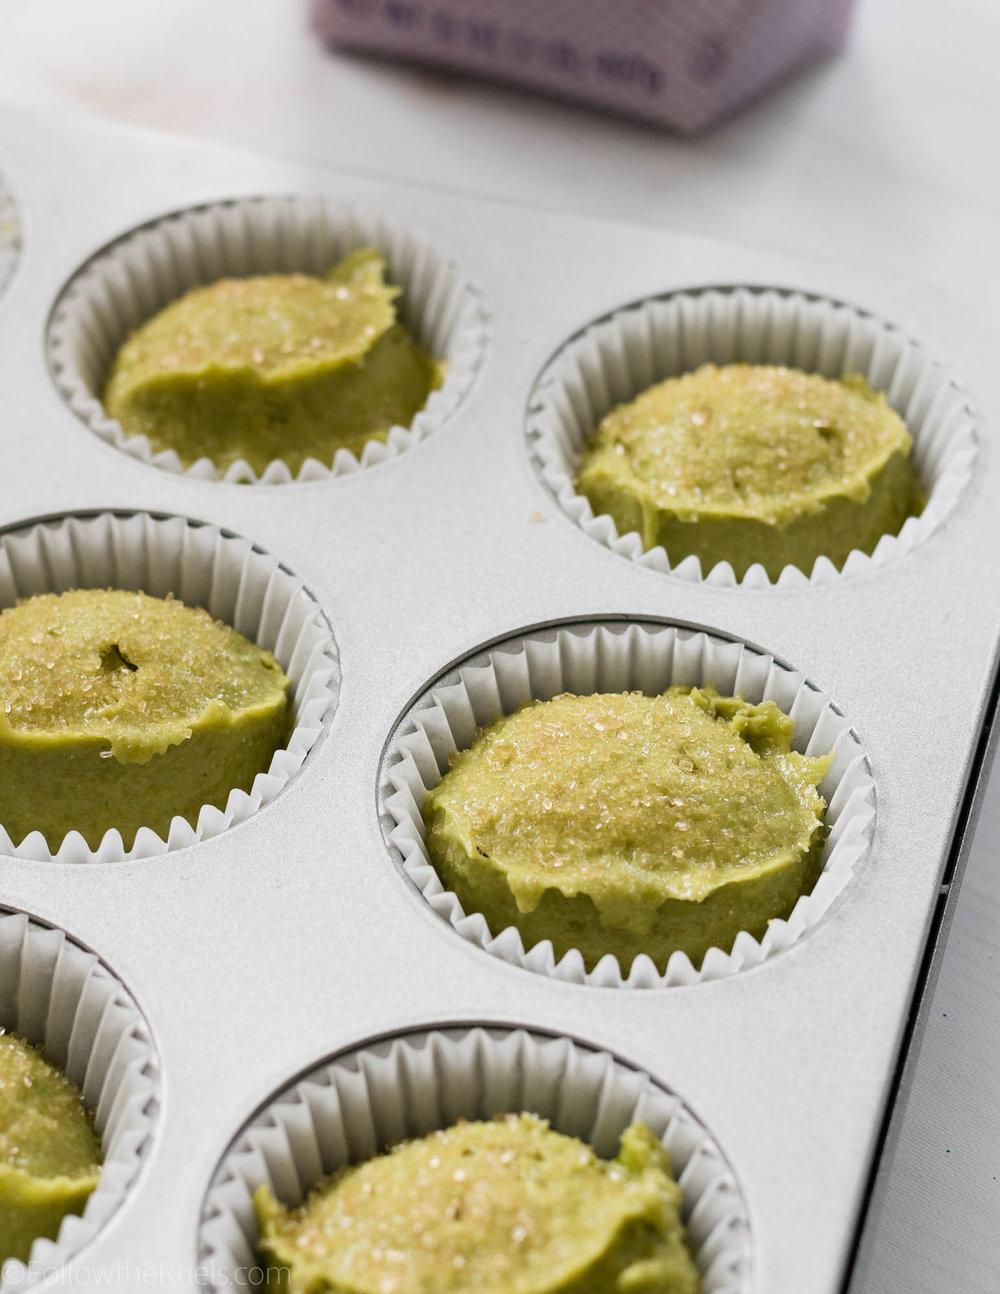 Avocado-Muffins-5.jpg